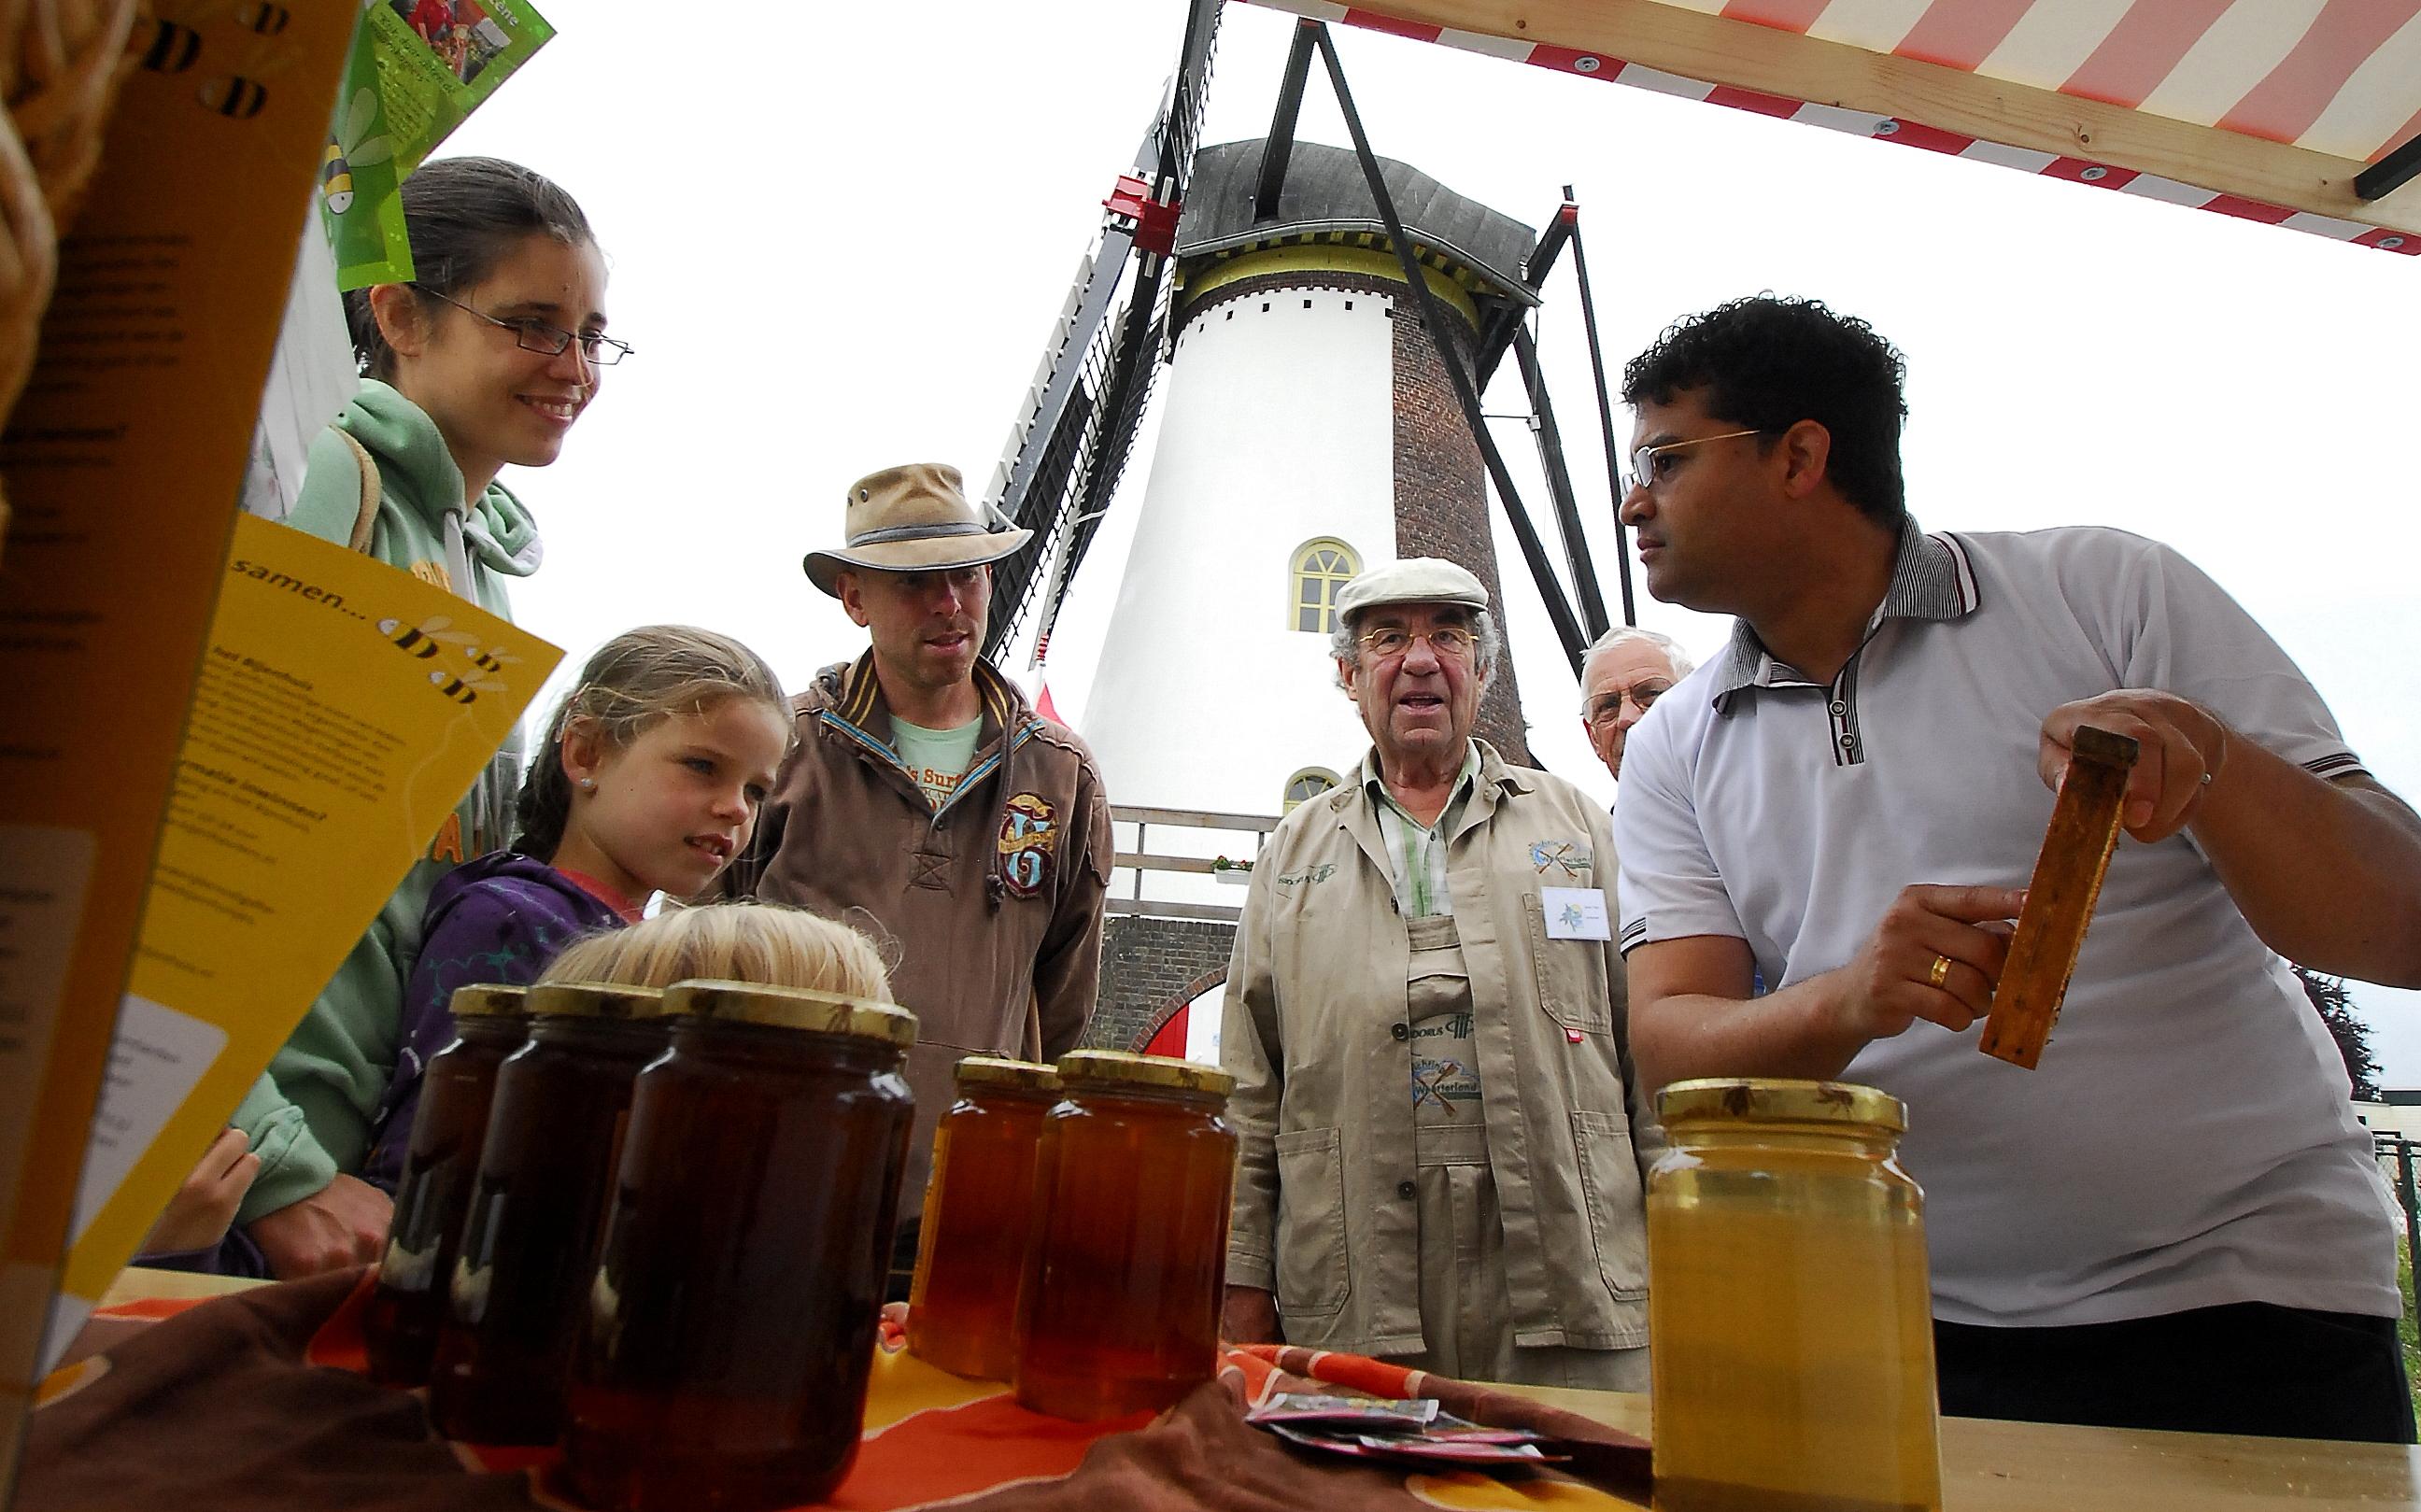 Veel belangstelling voor alle informatie over de bijen